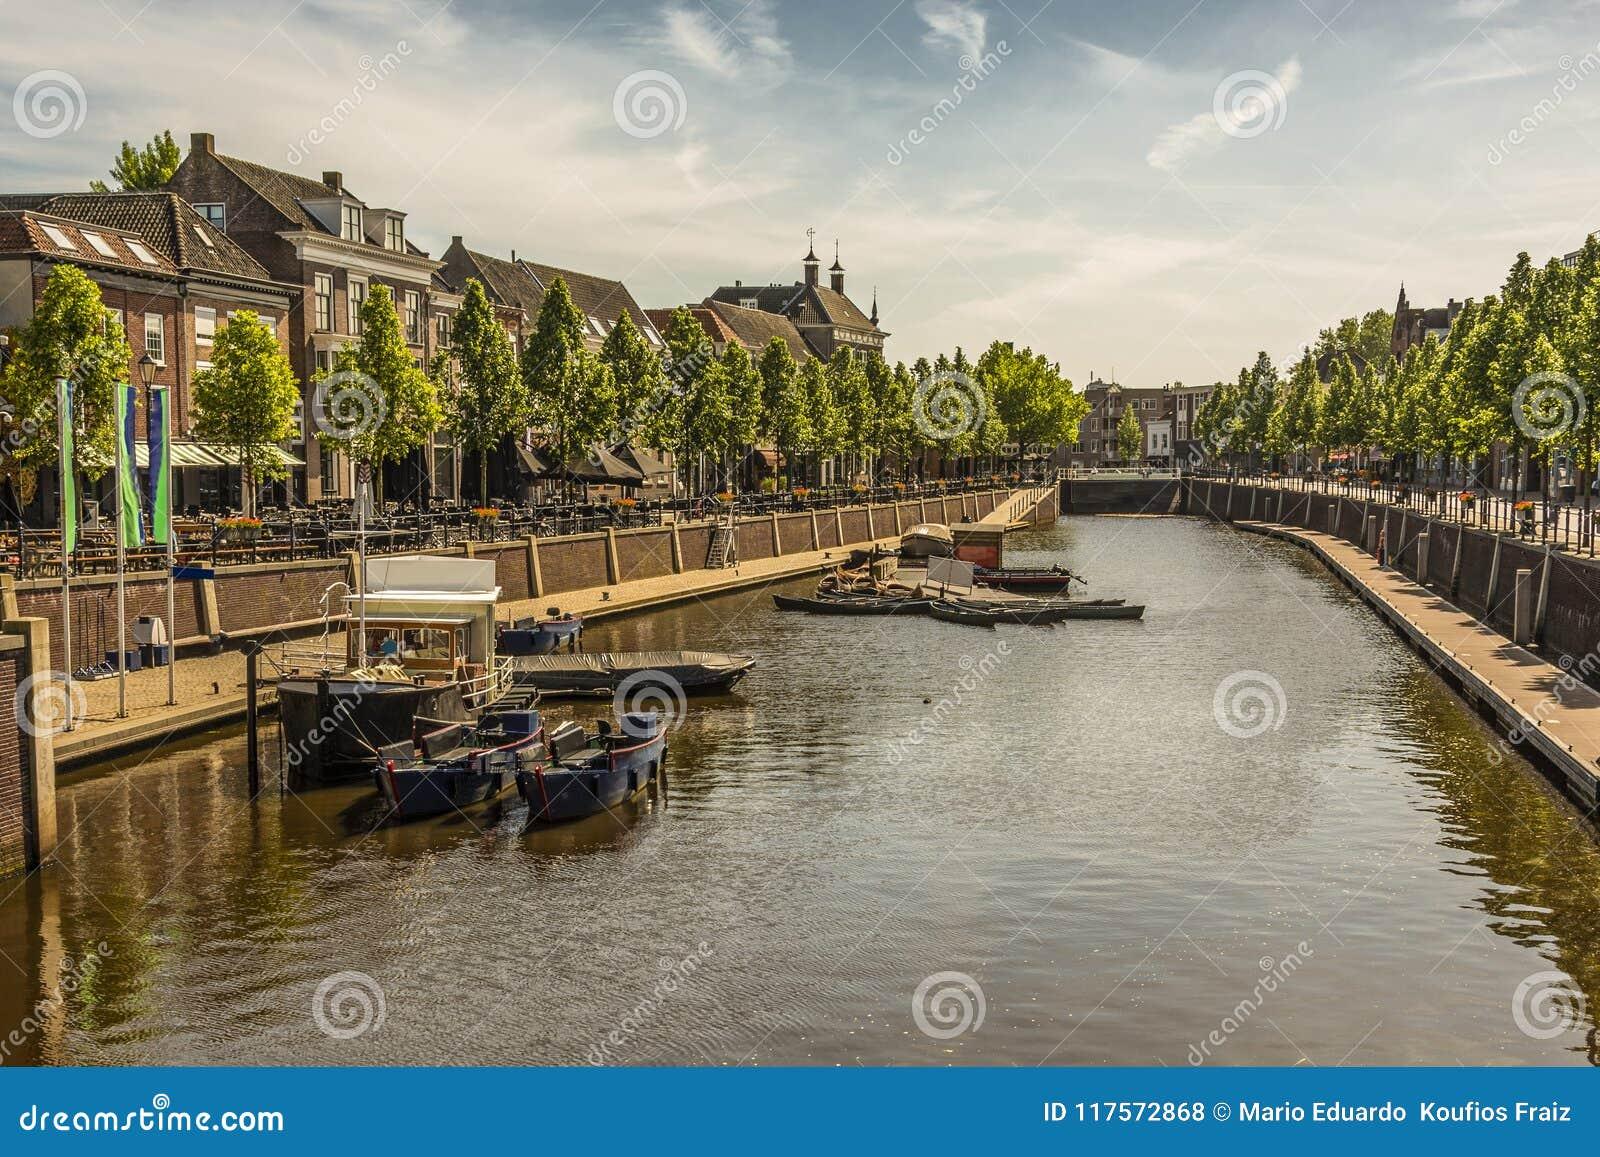 Canal y barcos en el centro de la ciudad de Breda netherlands